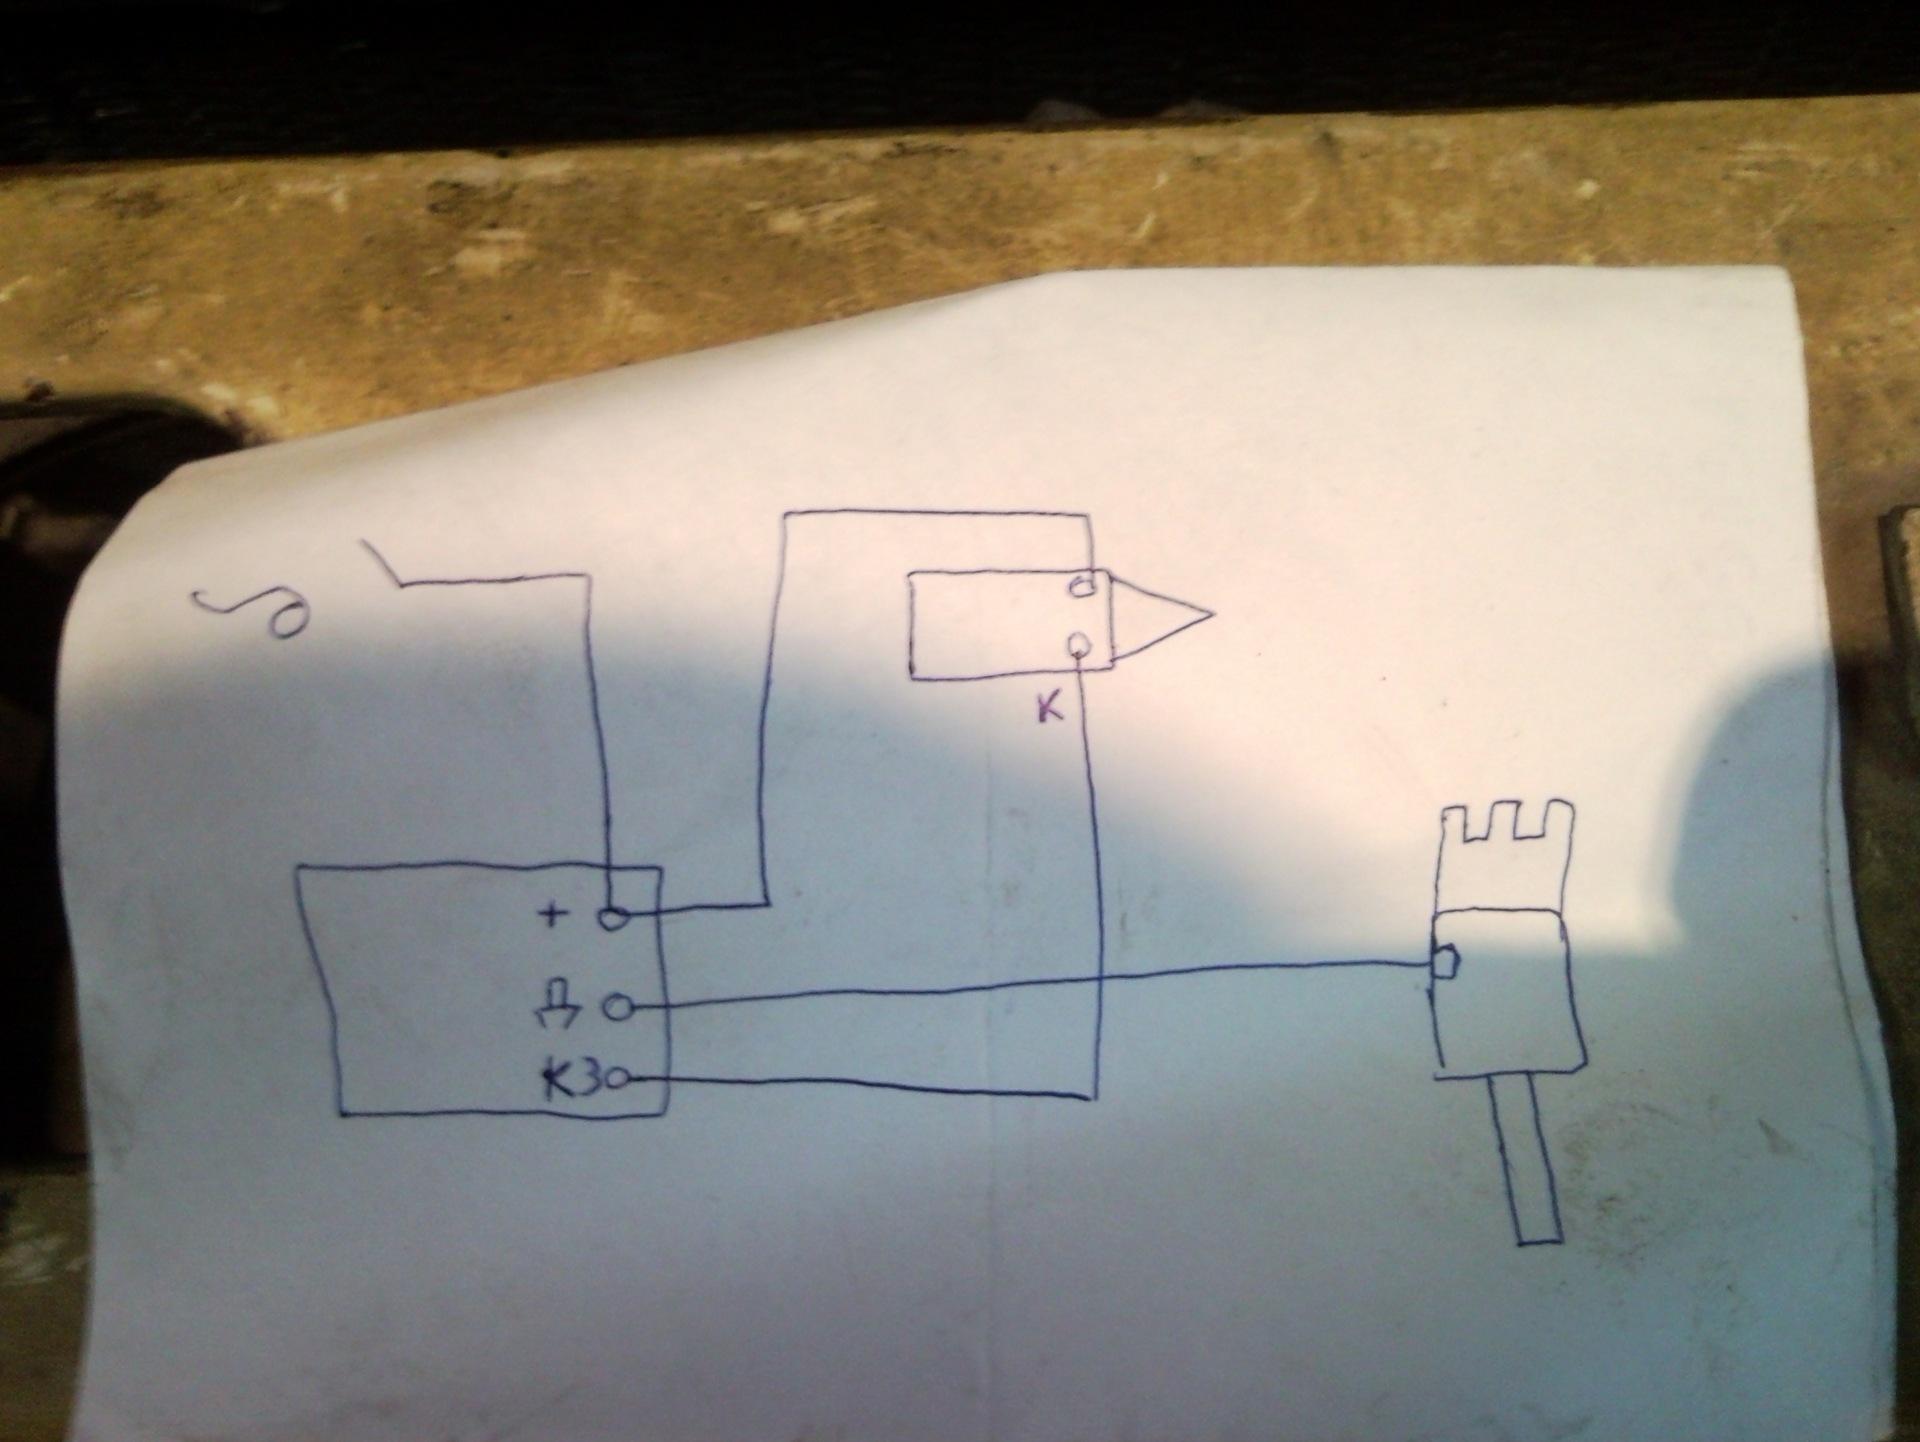 Схема подключения бесконтактного зажигания уаз